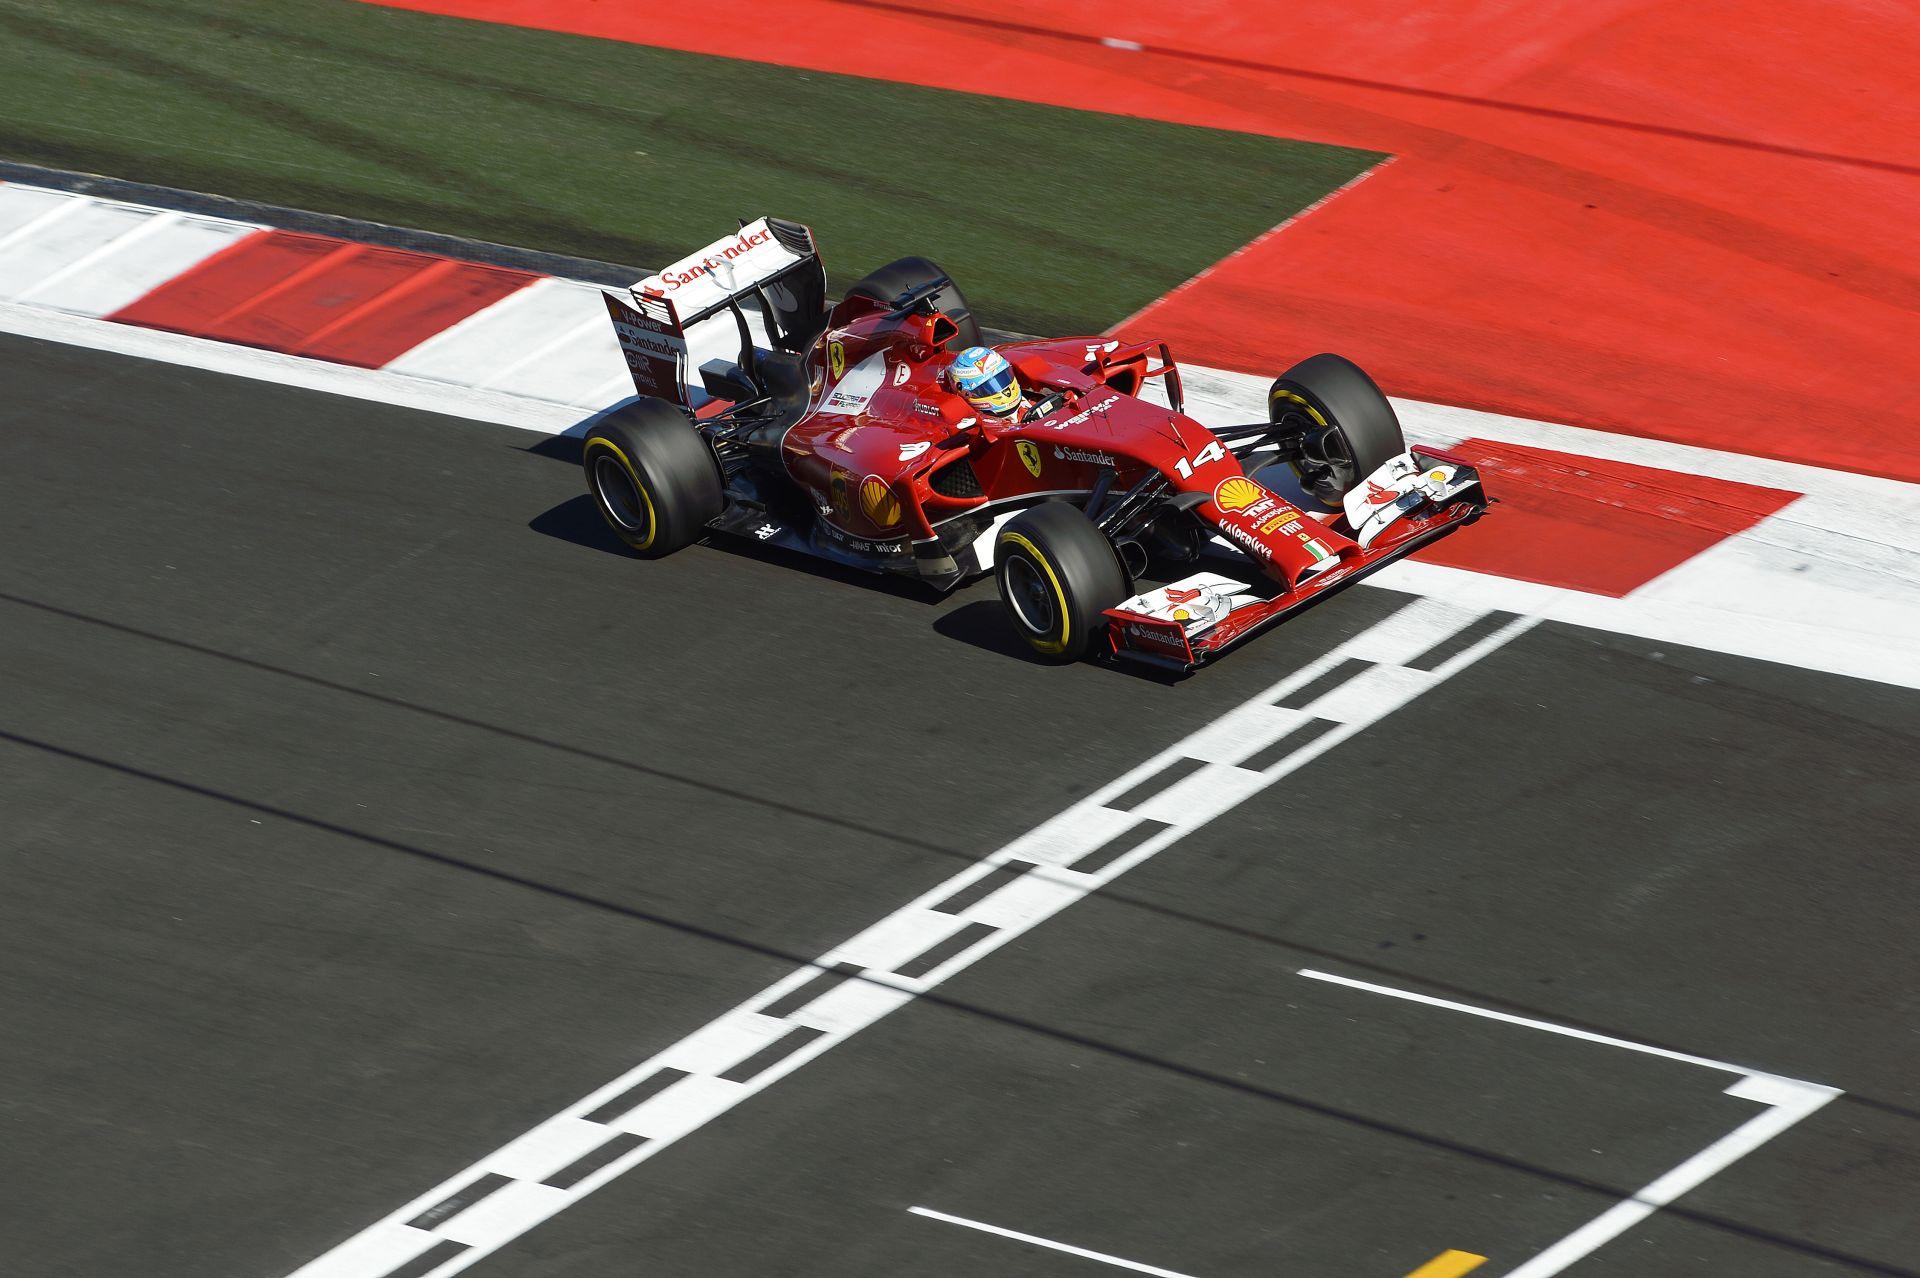 Alonso: Nem lennék rosszabb versenyző, ha kihagynék egy évet! Raikkönen kettőt hagyott ki és erősebb volt, mint valaha